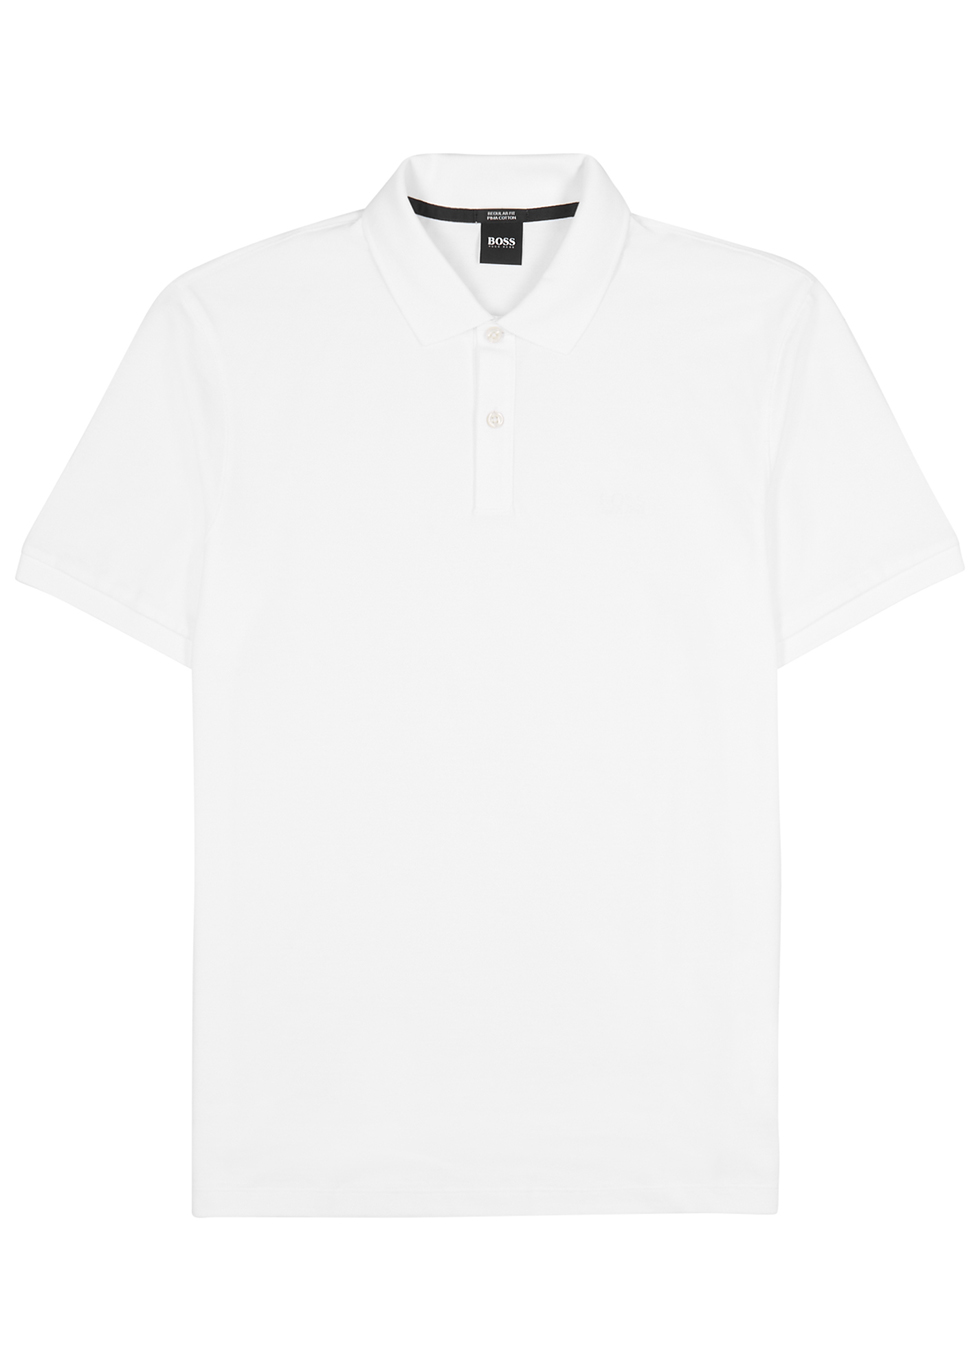 White cotton-piqué polo shirt - HUGO